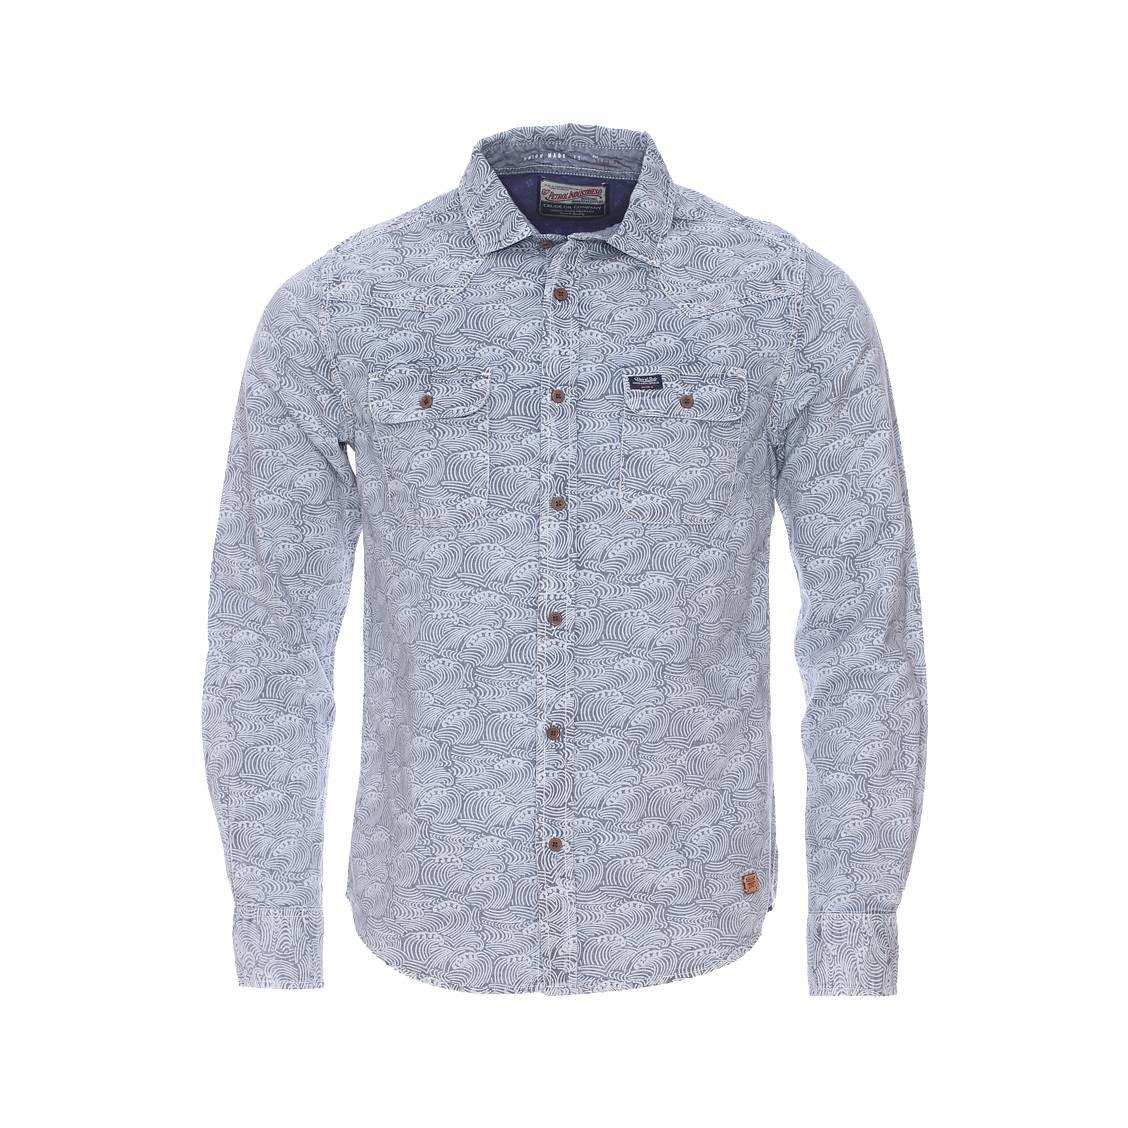 Chemise  en coton bleu indigo délavé à motifs vagues